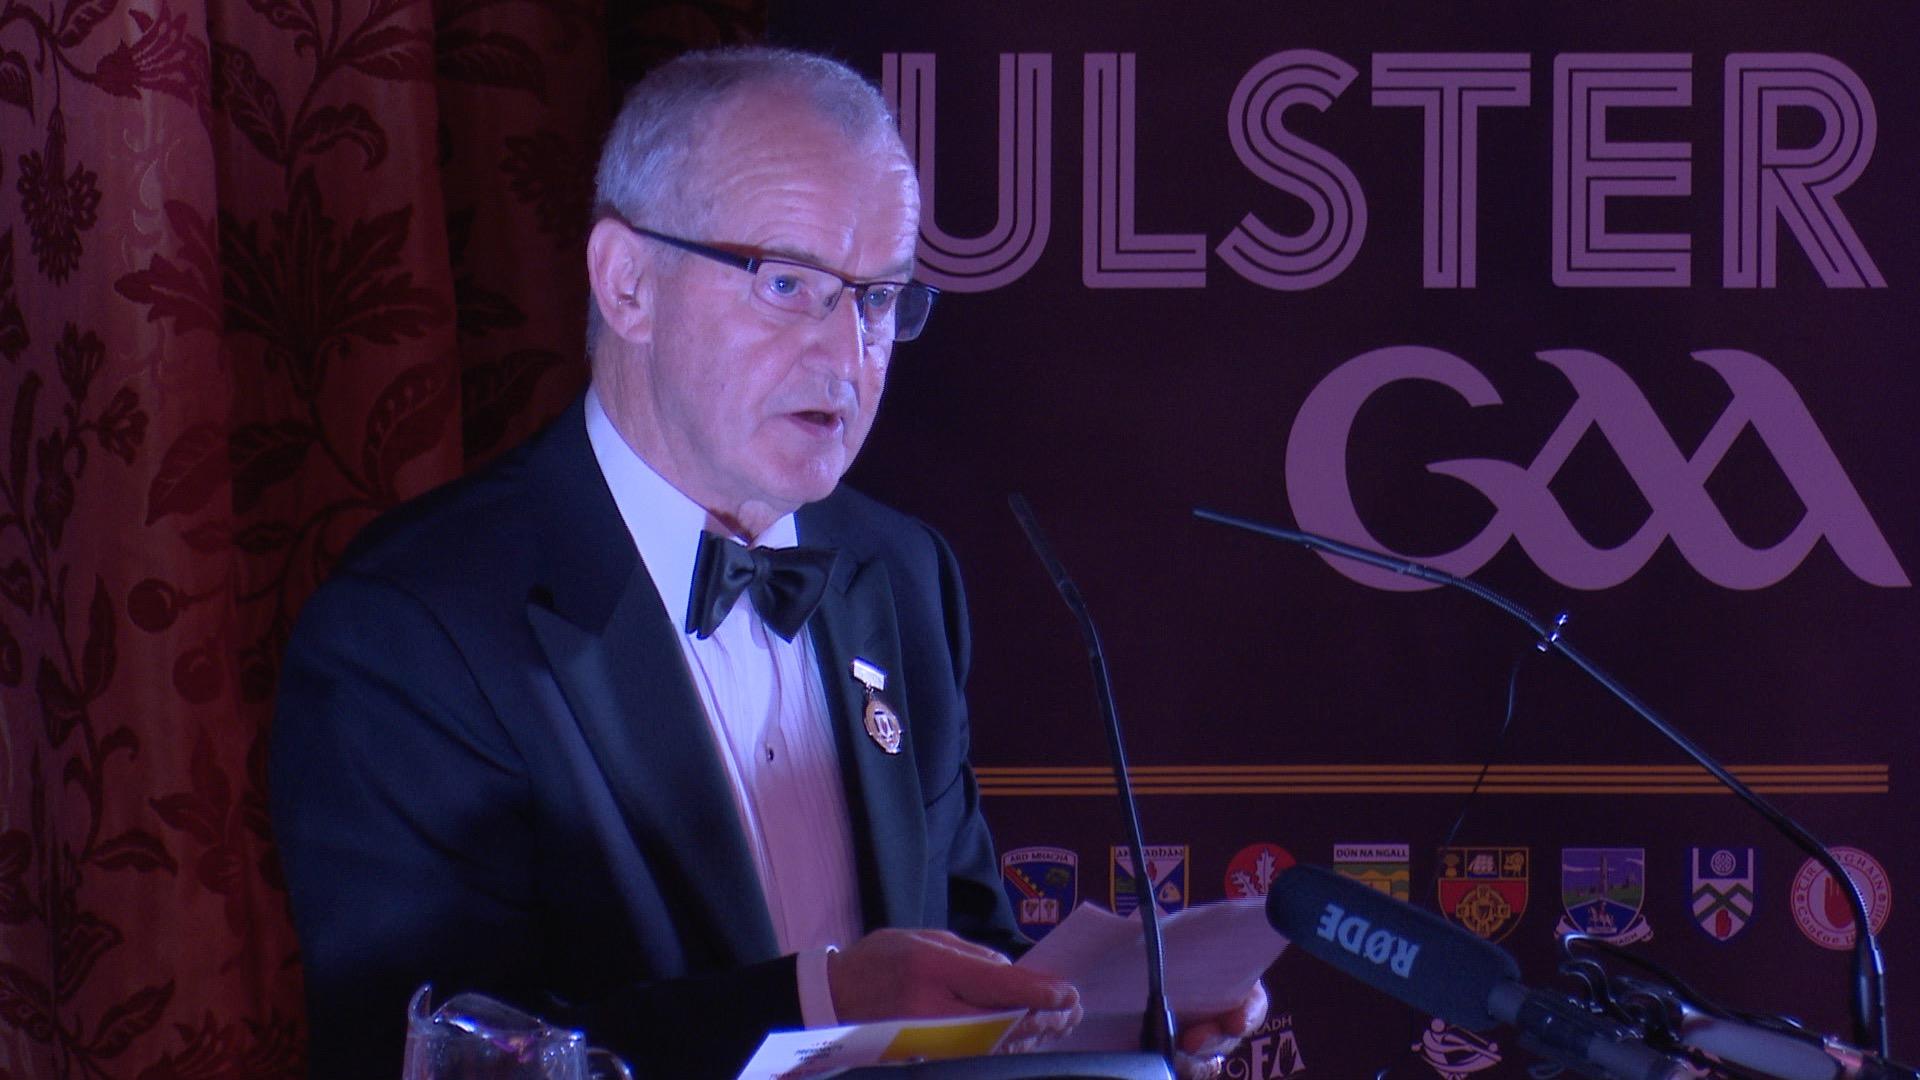 Ulster GAA President's Awards 2016